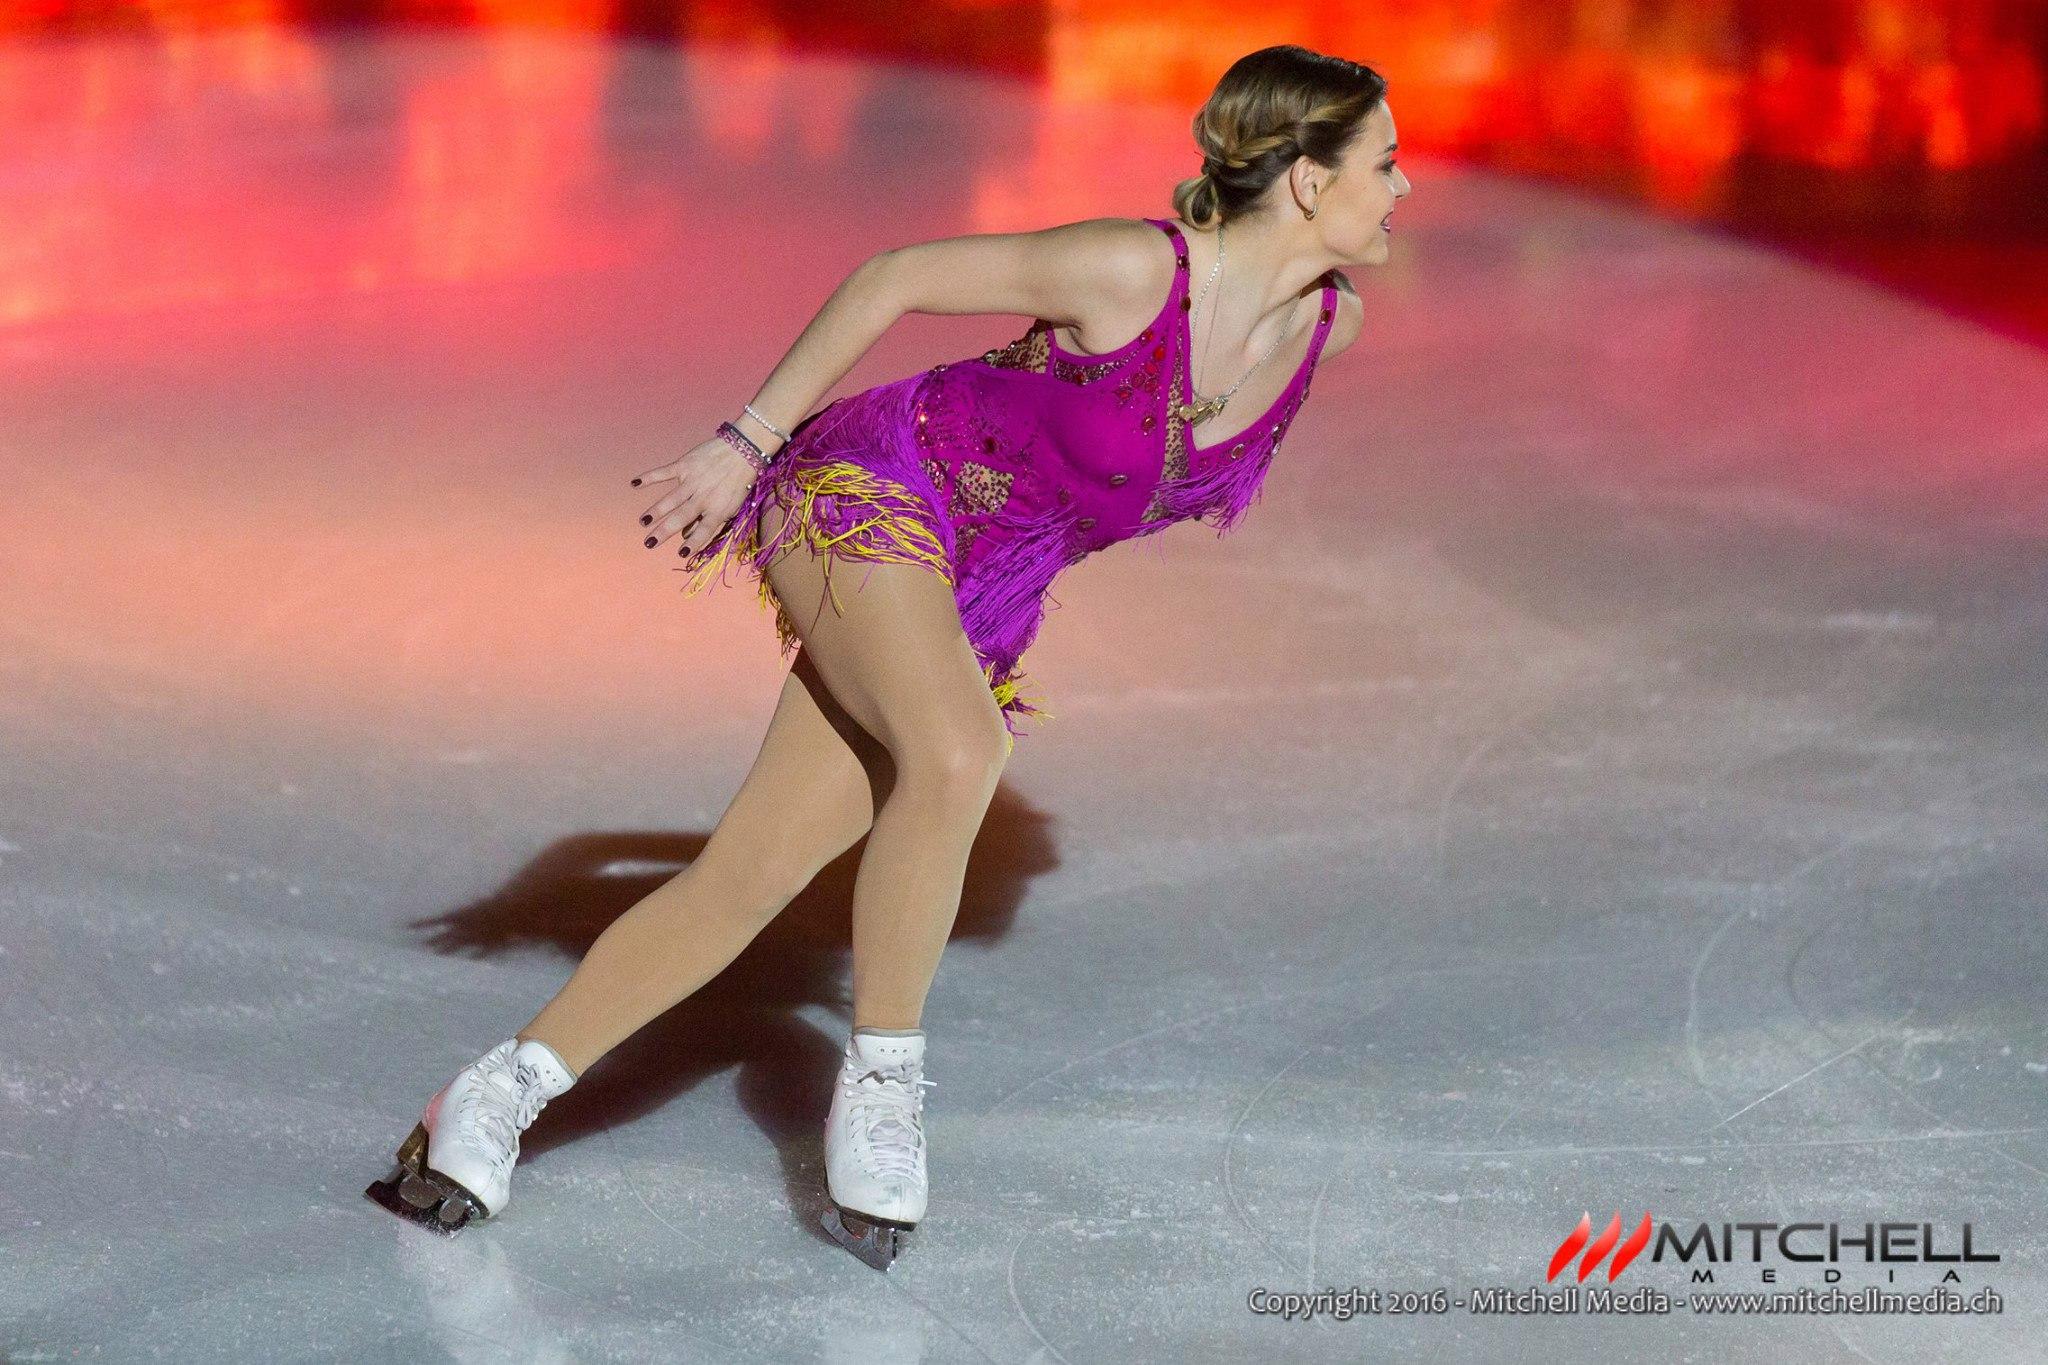 Аделина Сотникова - 2 - Страница 6 P1vOOLiwkPw